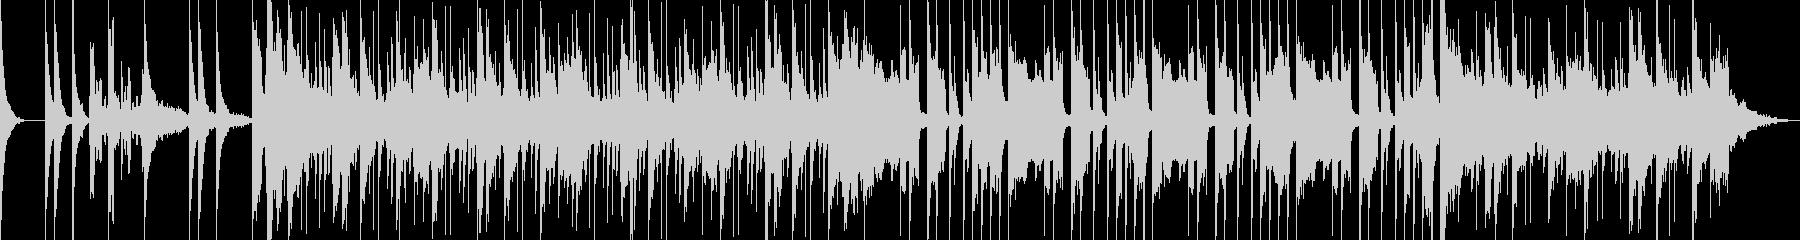 エスニック×R&Bの未再生の波形